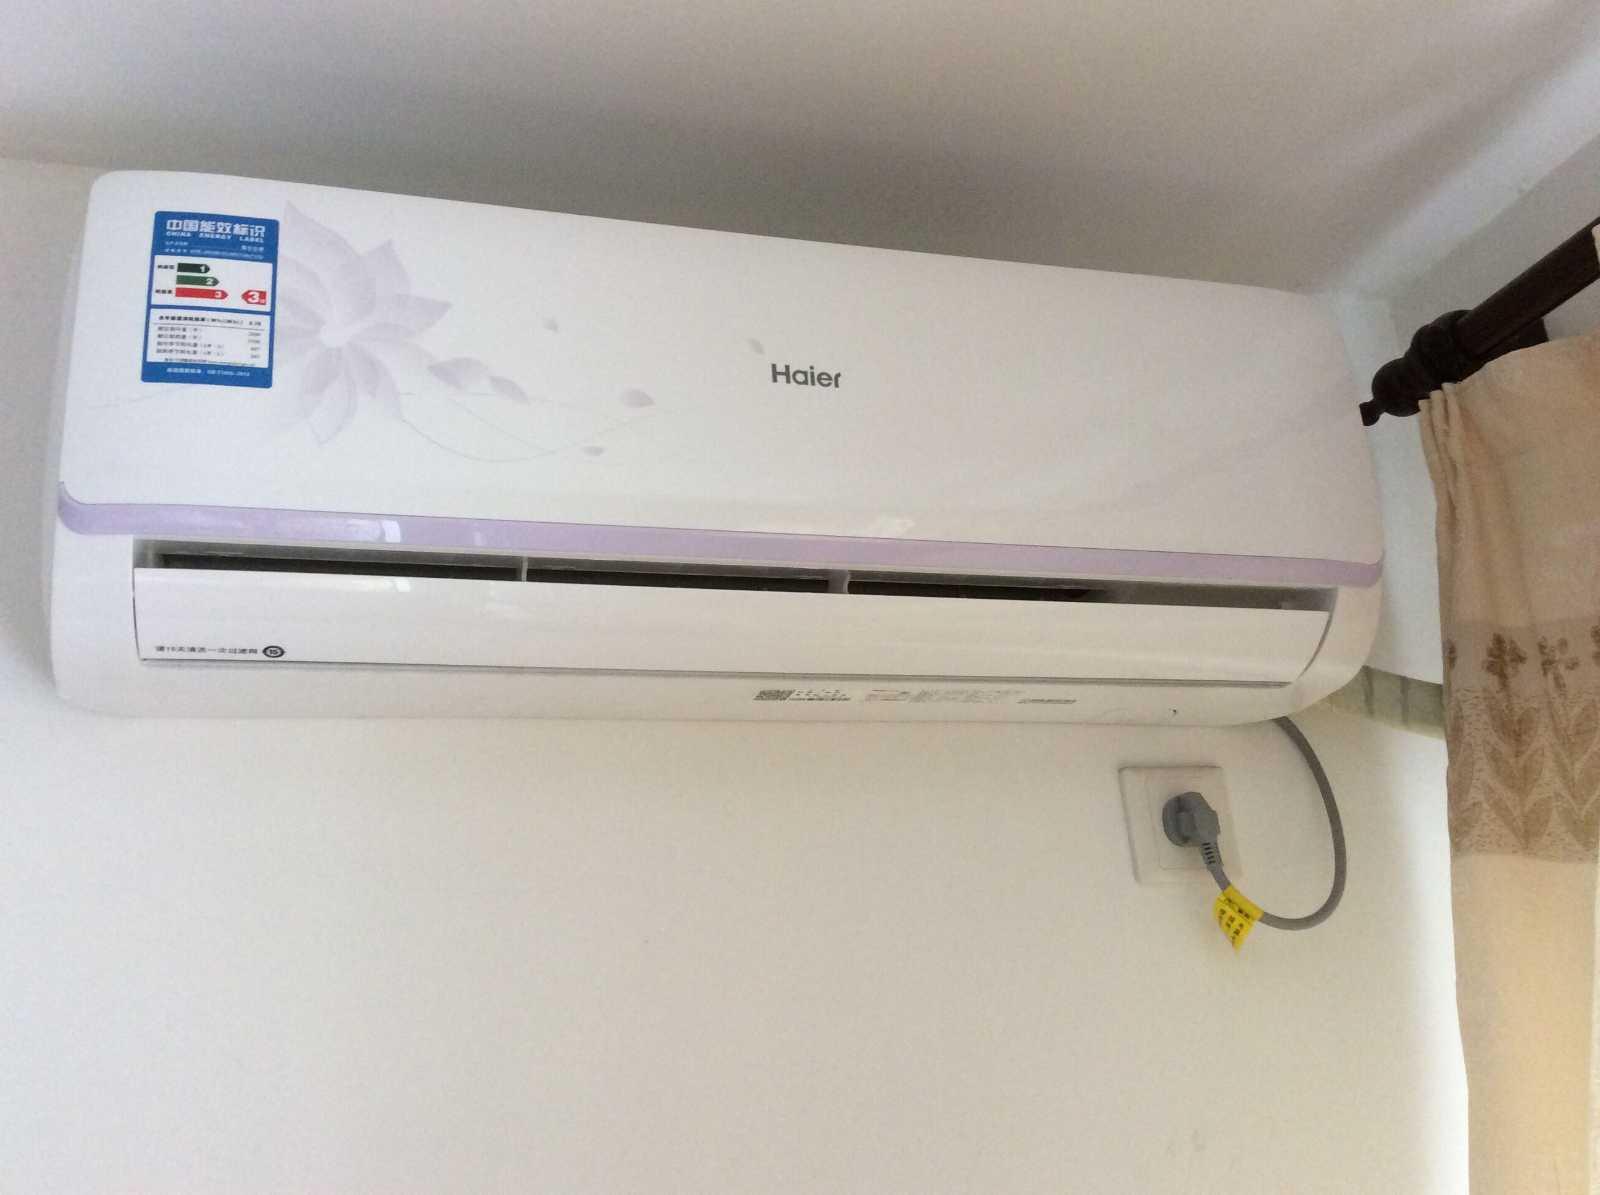 海爾中央空調內外機具體保養細則